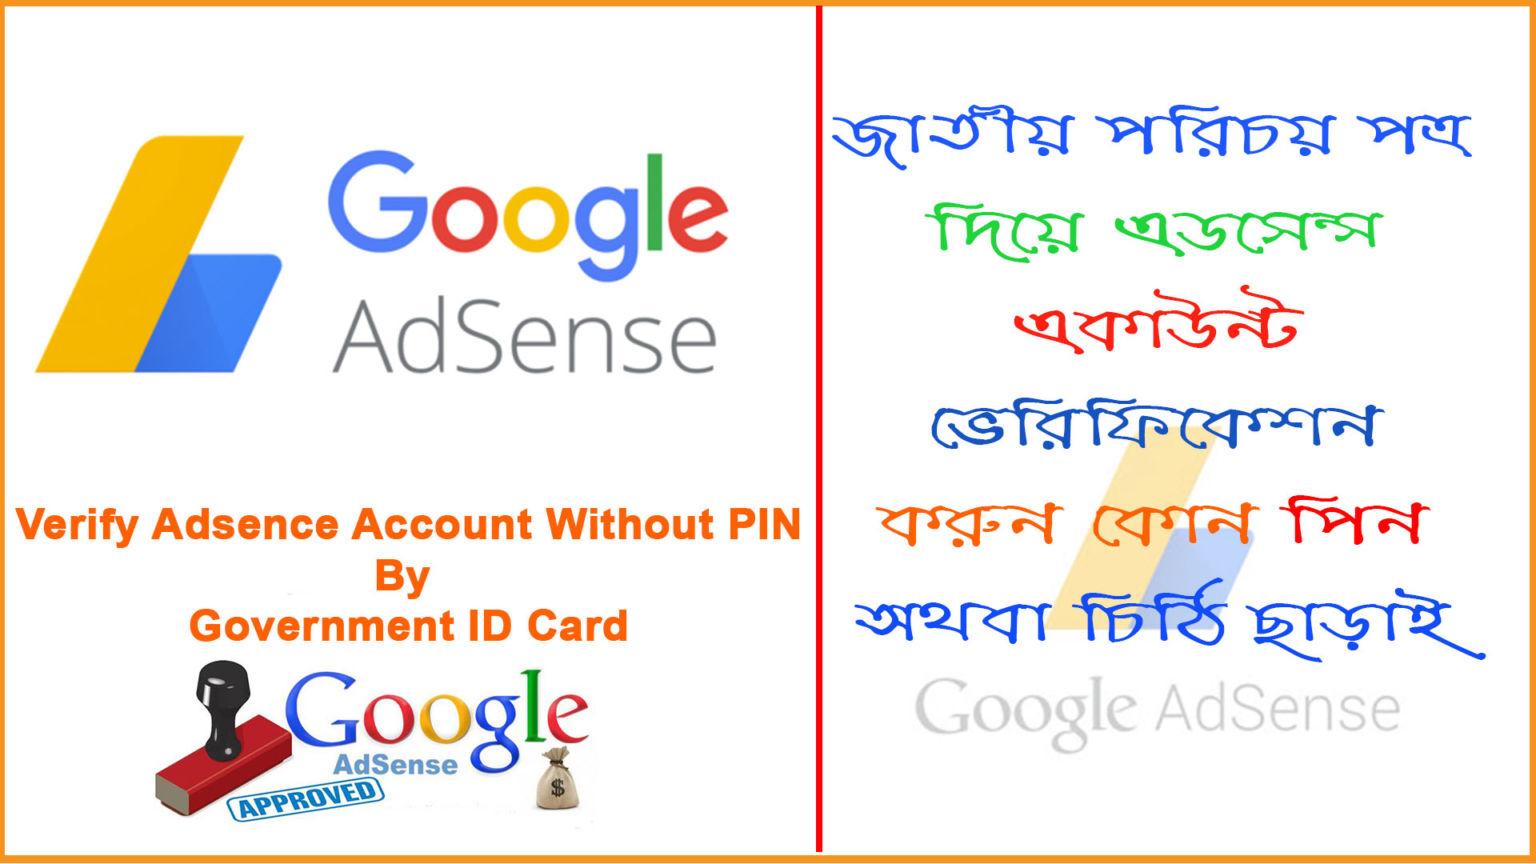 দেখে নিন কিভাবে PIN ছাড়াই Google Adsence Account ভেরিফিকেশন করবেন!!!